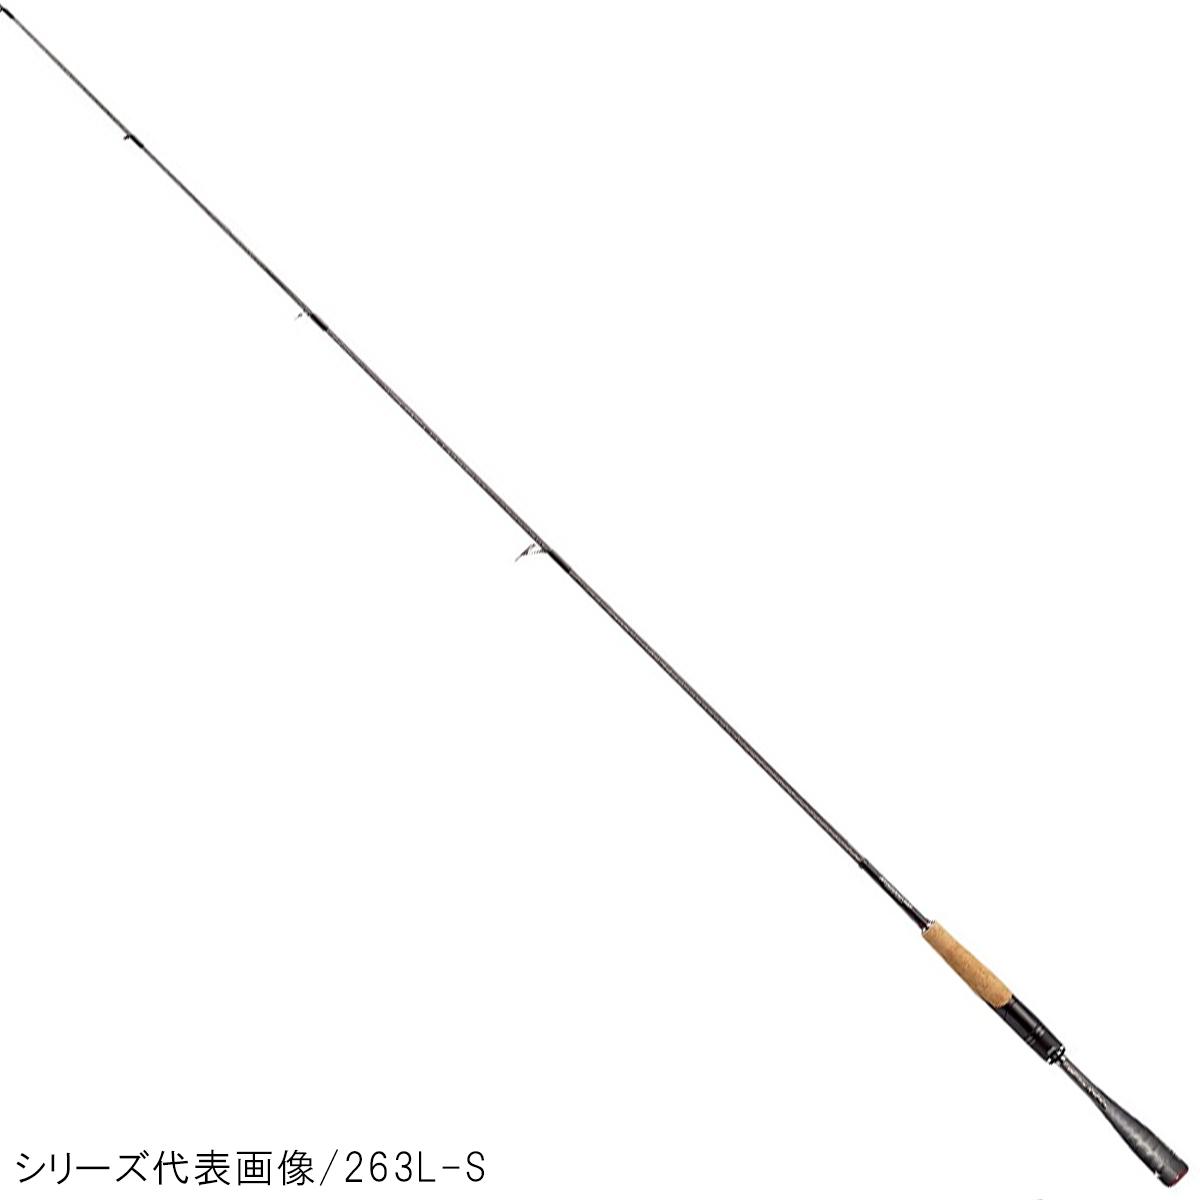 シマノ ポイズングロリアス 264UL【大型商品】